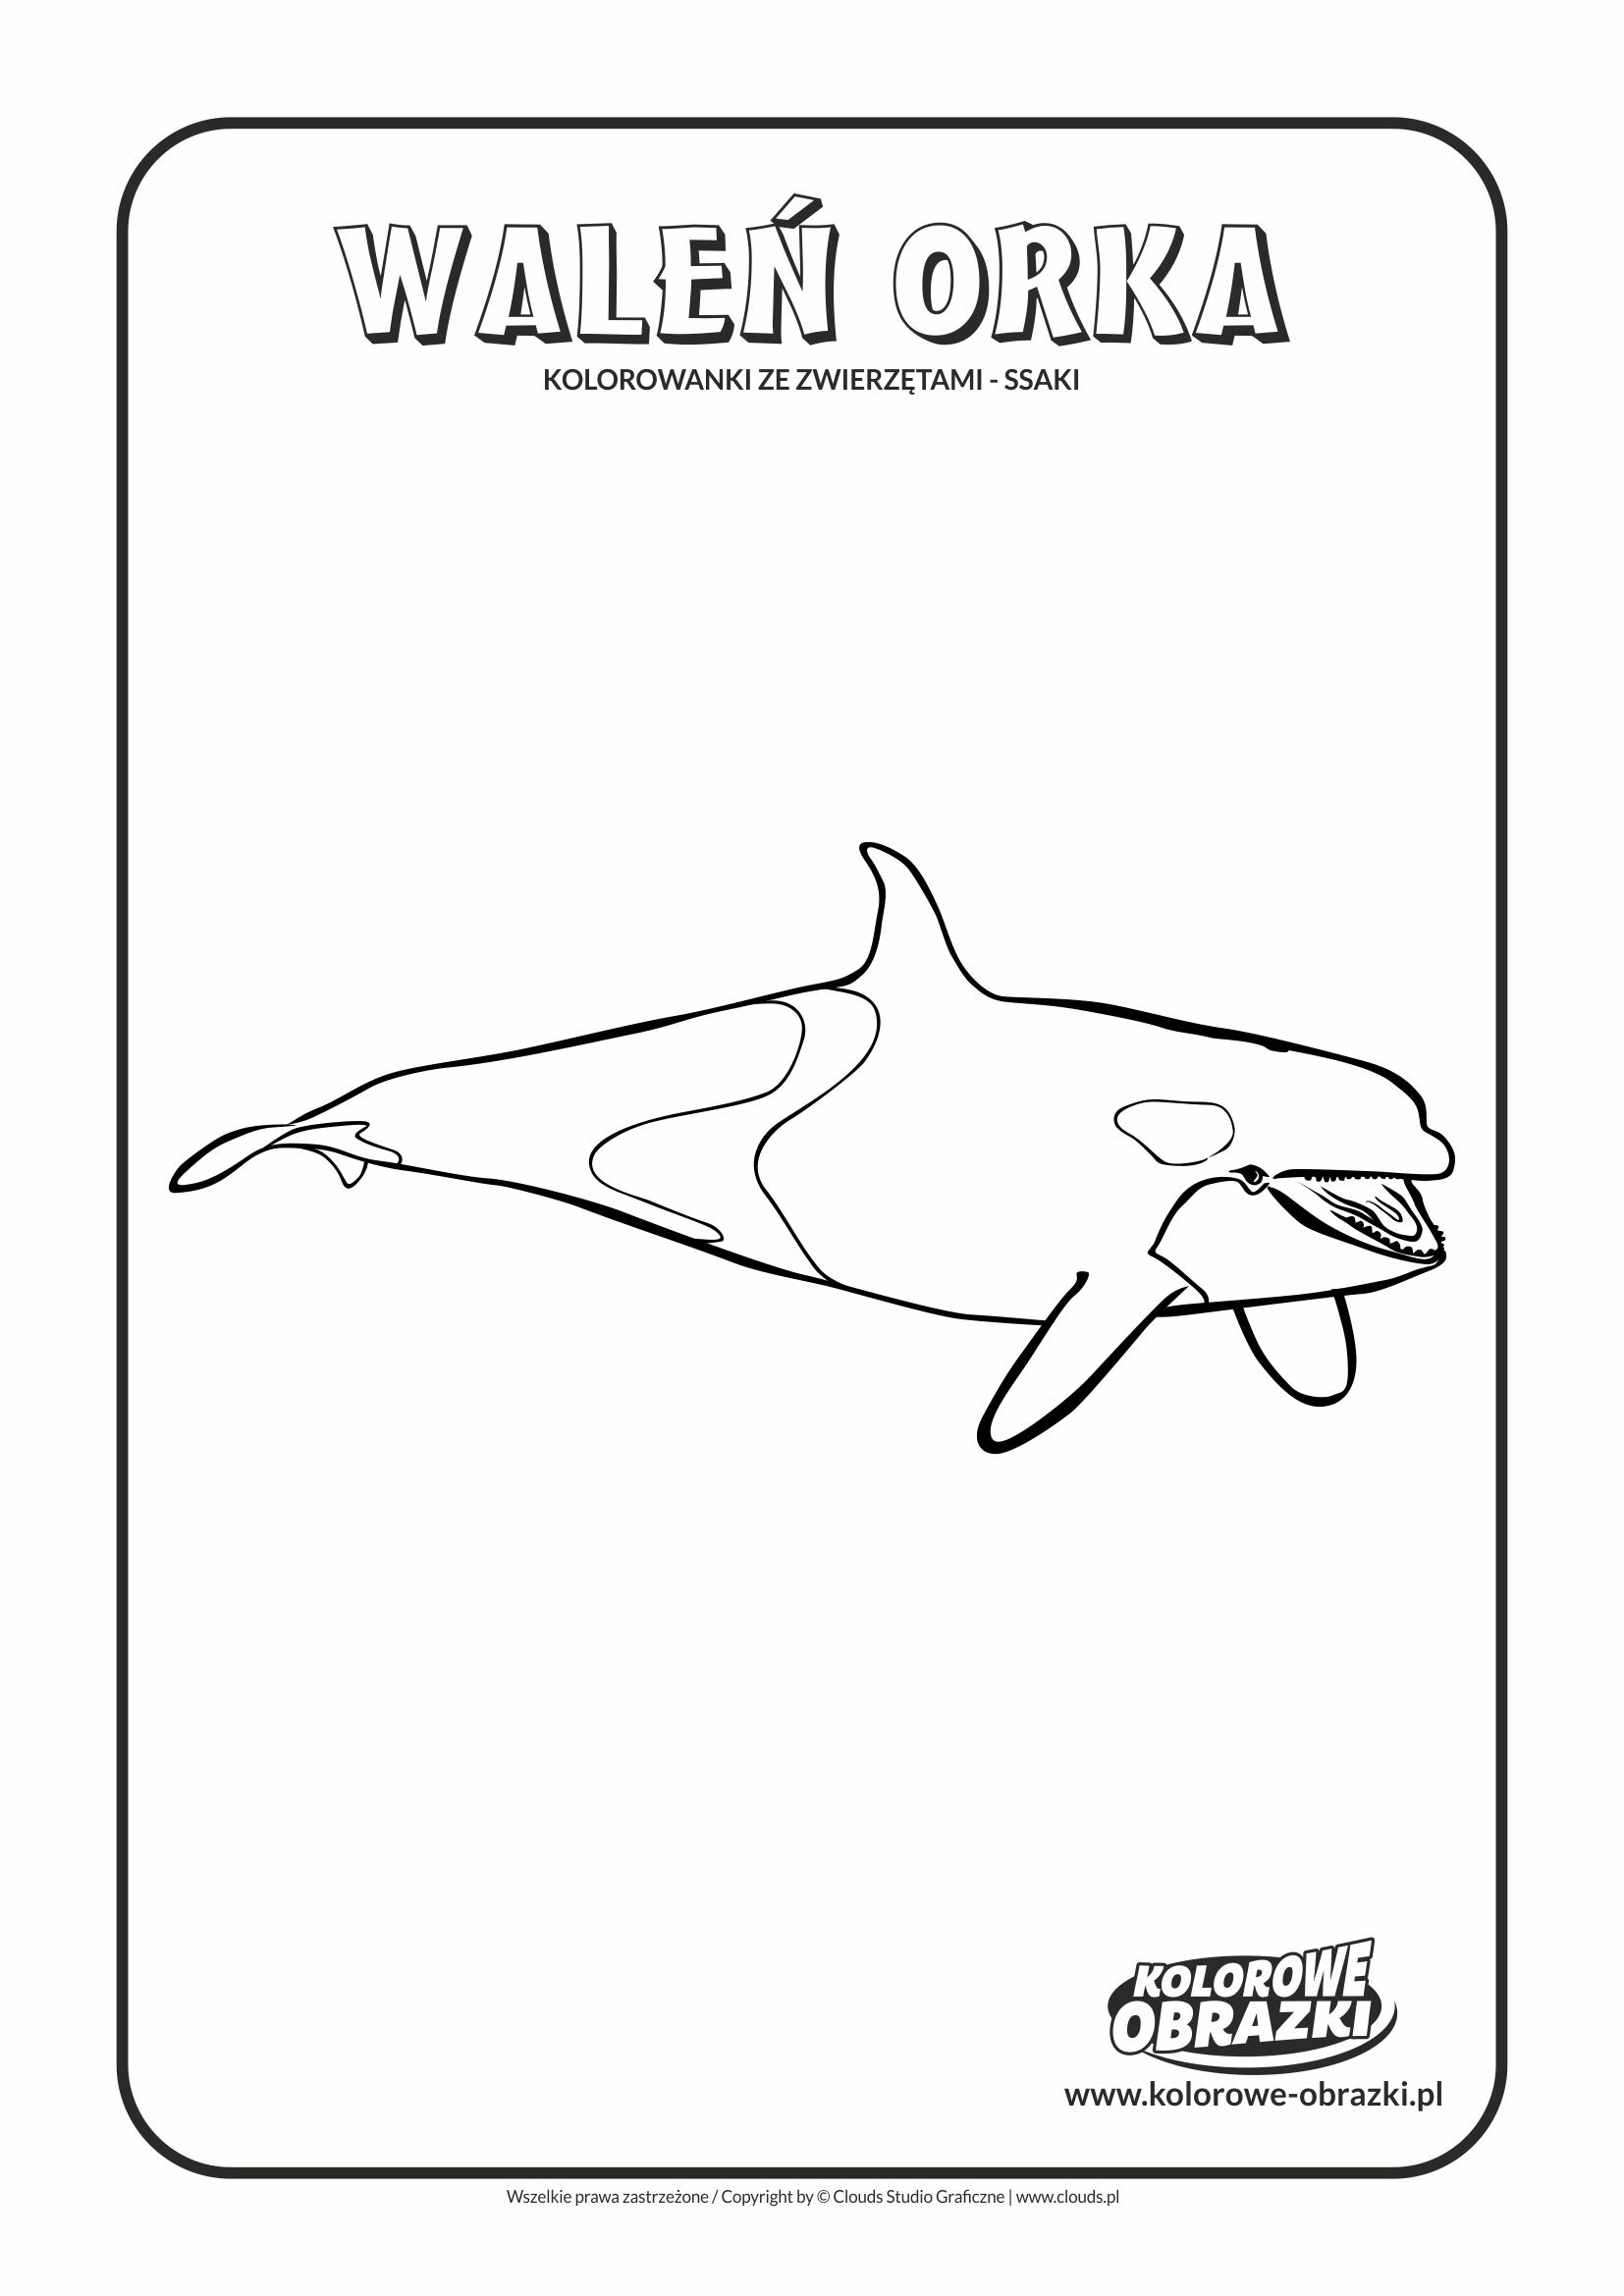 Kolorowanki dla dzieci - Zwierzęta / Waleń orka